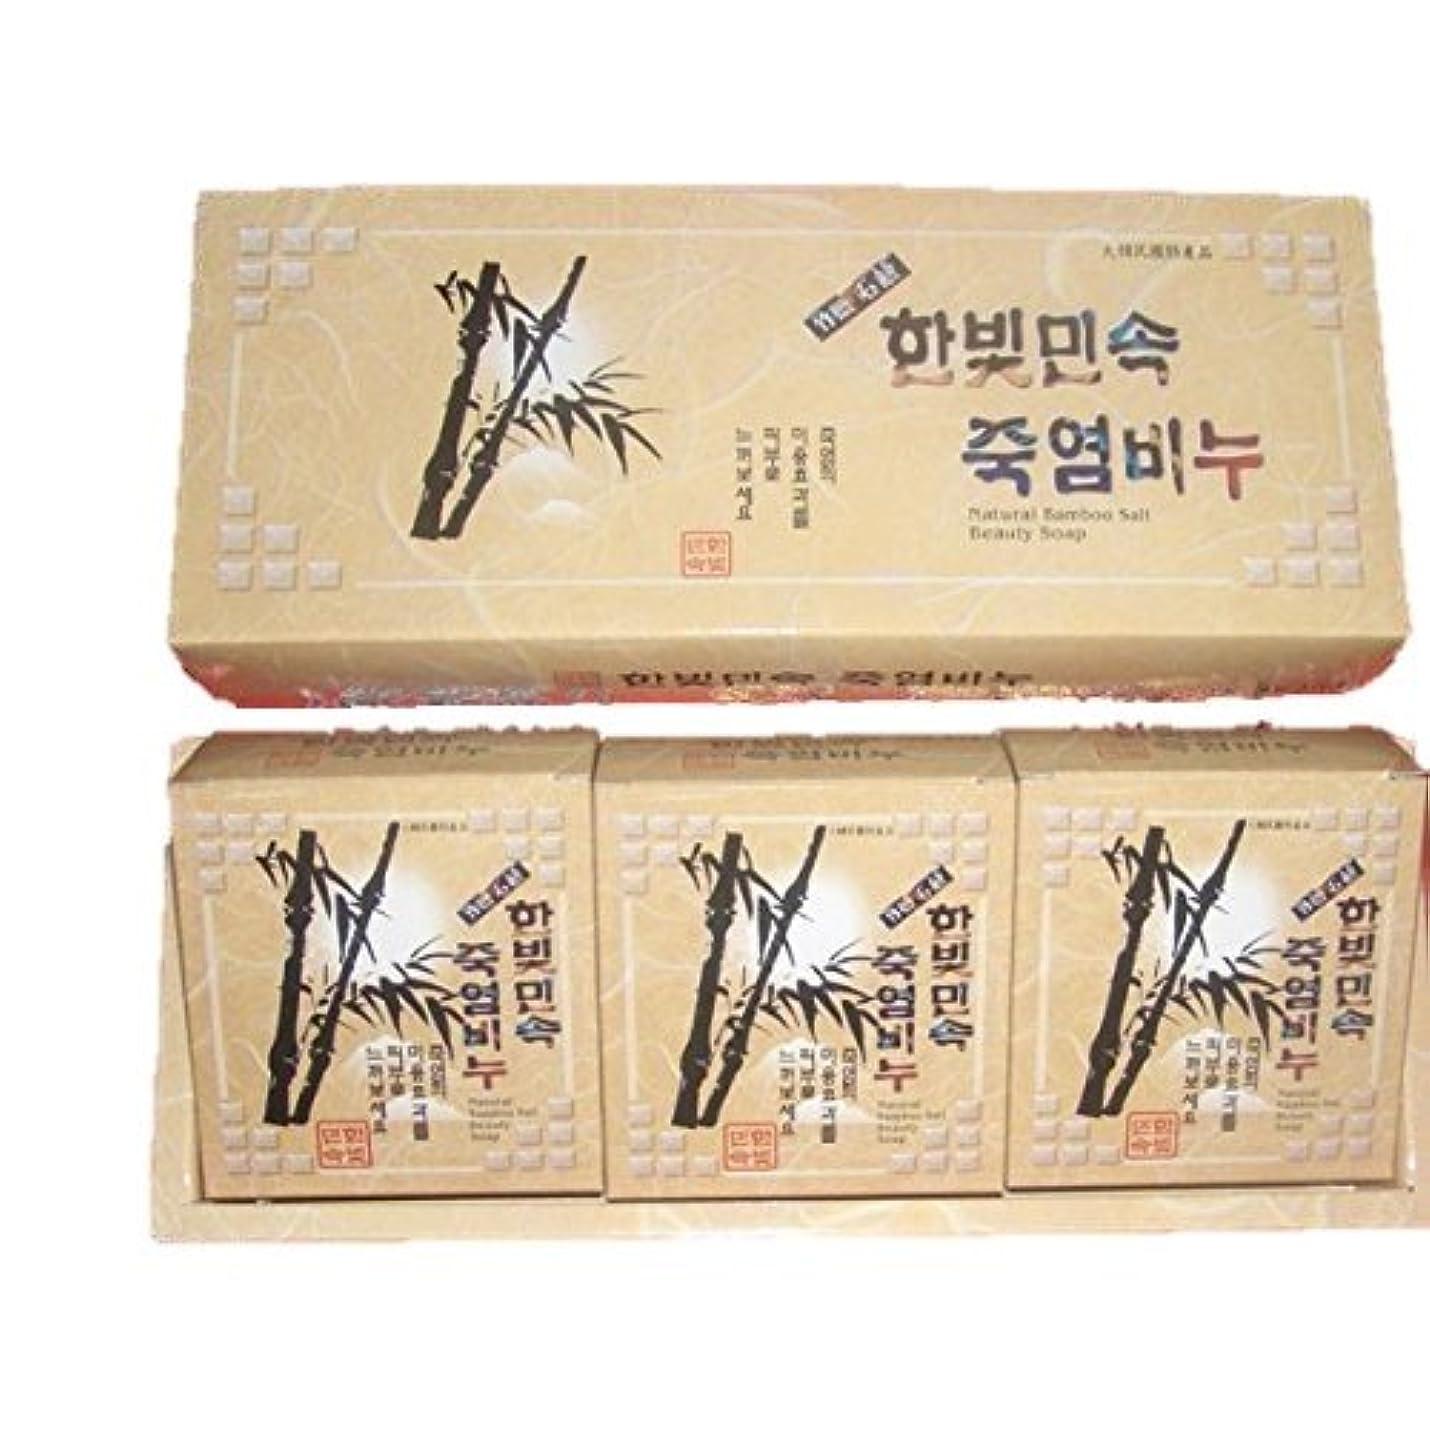 夢中均等に優越(韓国ブランド) 竹塩石鹸 (3個×3セット)